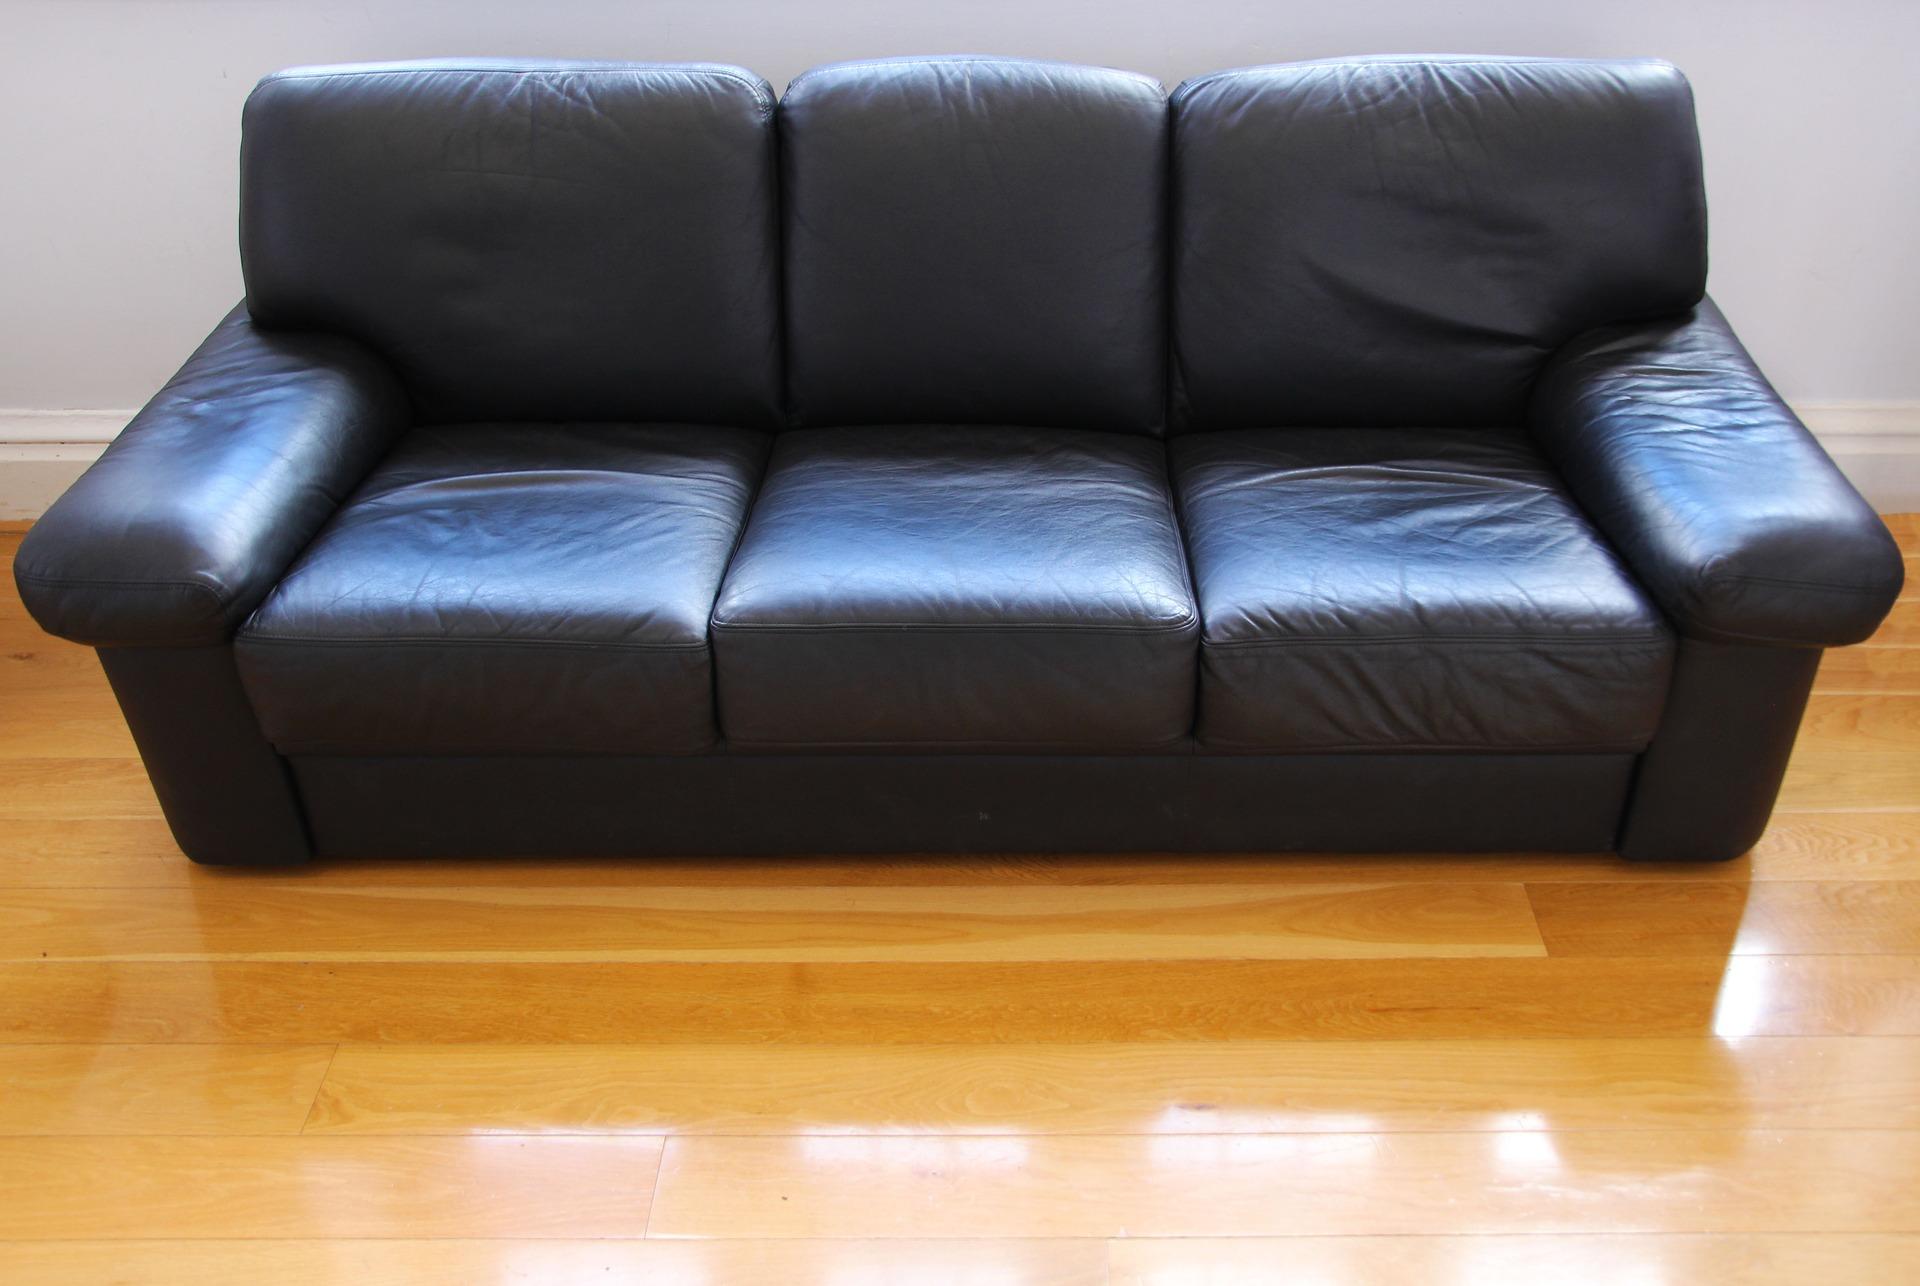 leather-sofa-2415619_1920